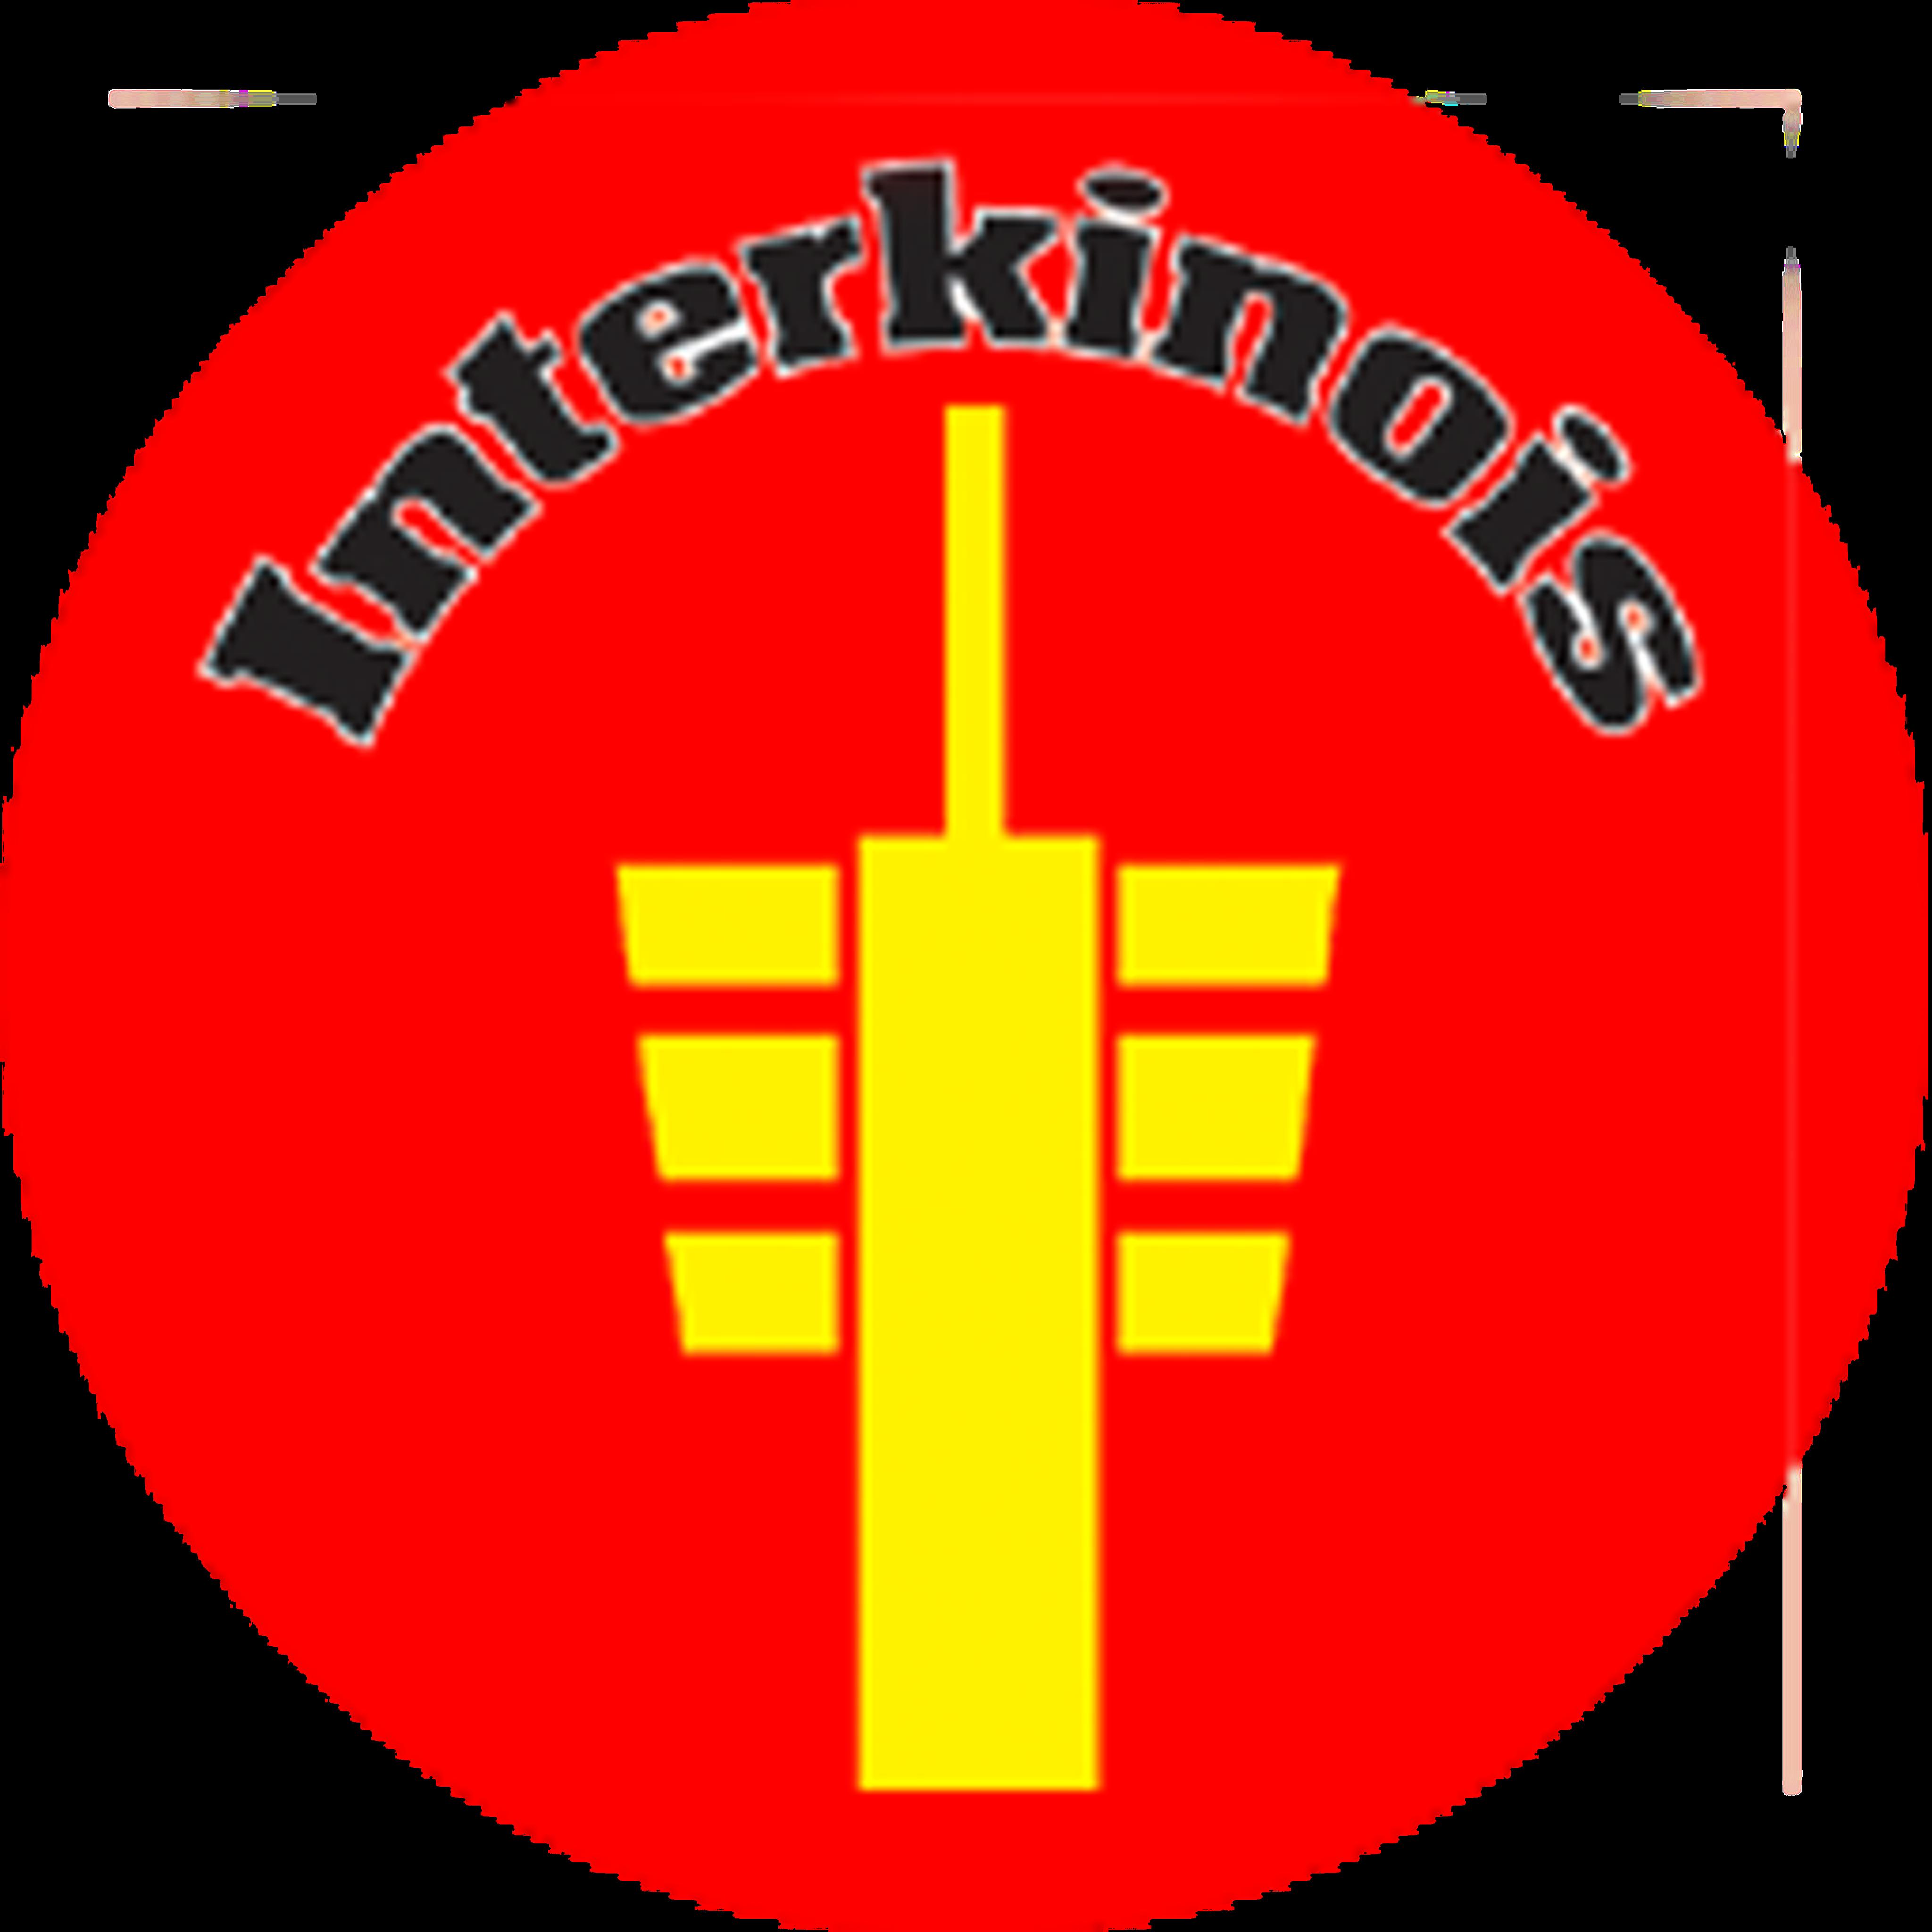 Radio Interkinois